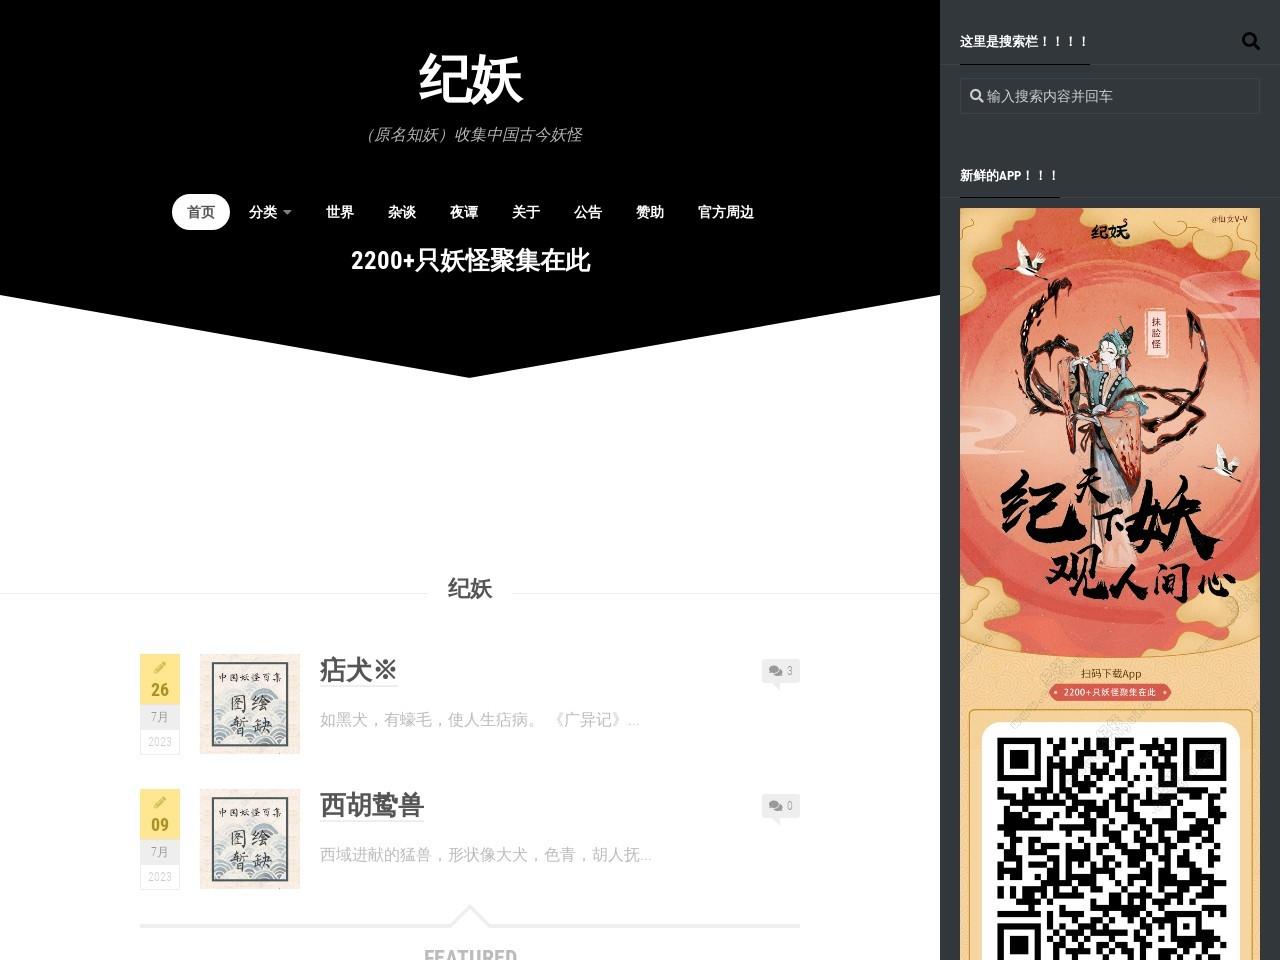 知妖《中国妖怪百集》的官网站点截图